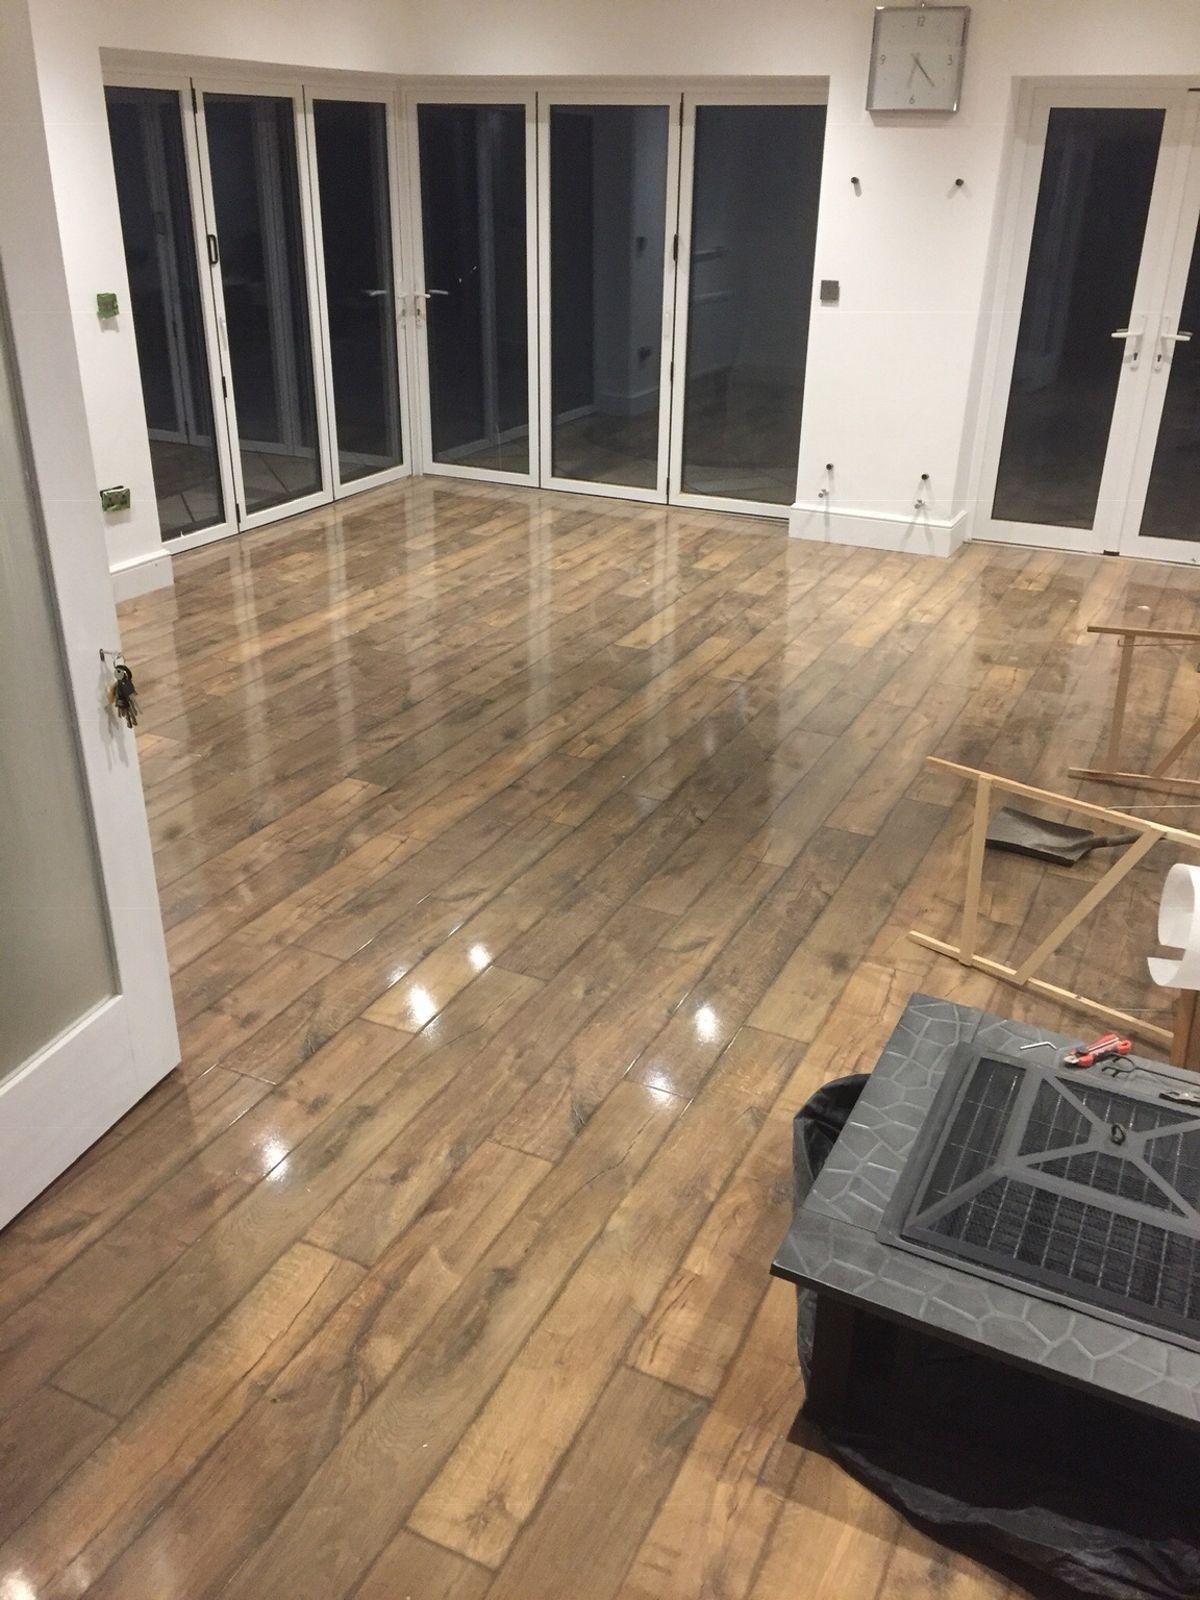 Wood Flooring Fitters Near Me In 2020 Best Wood Flooring Flooring House Design